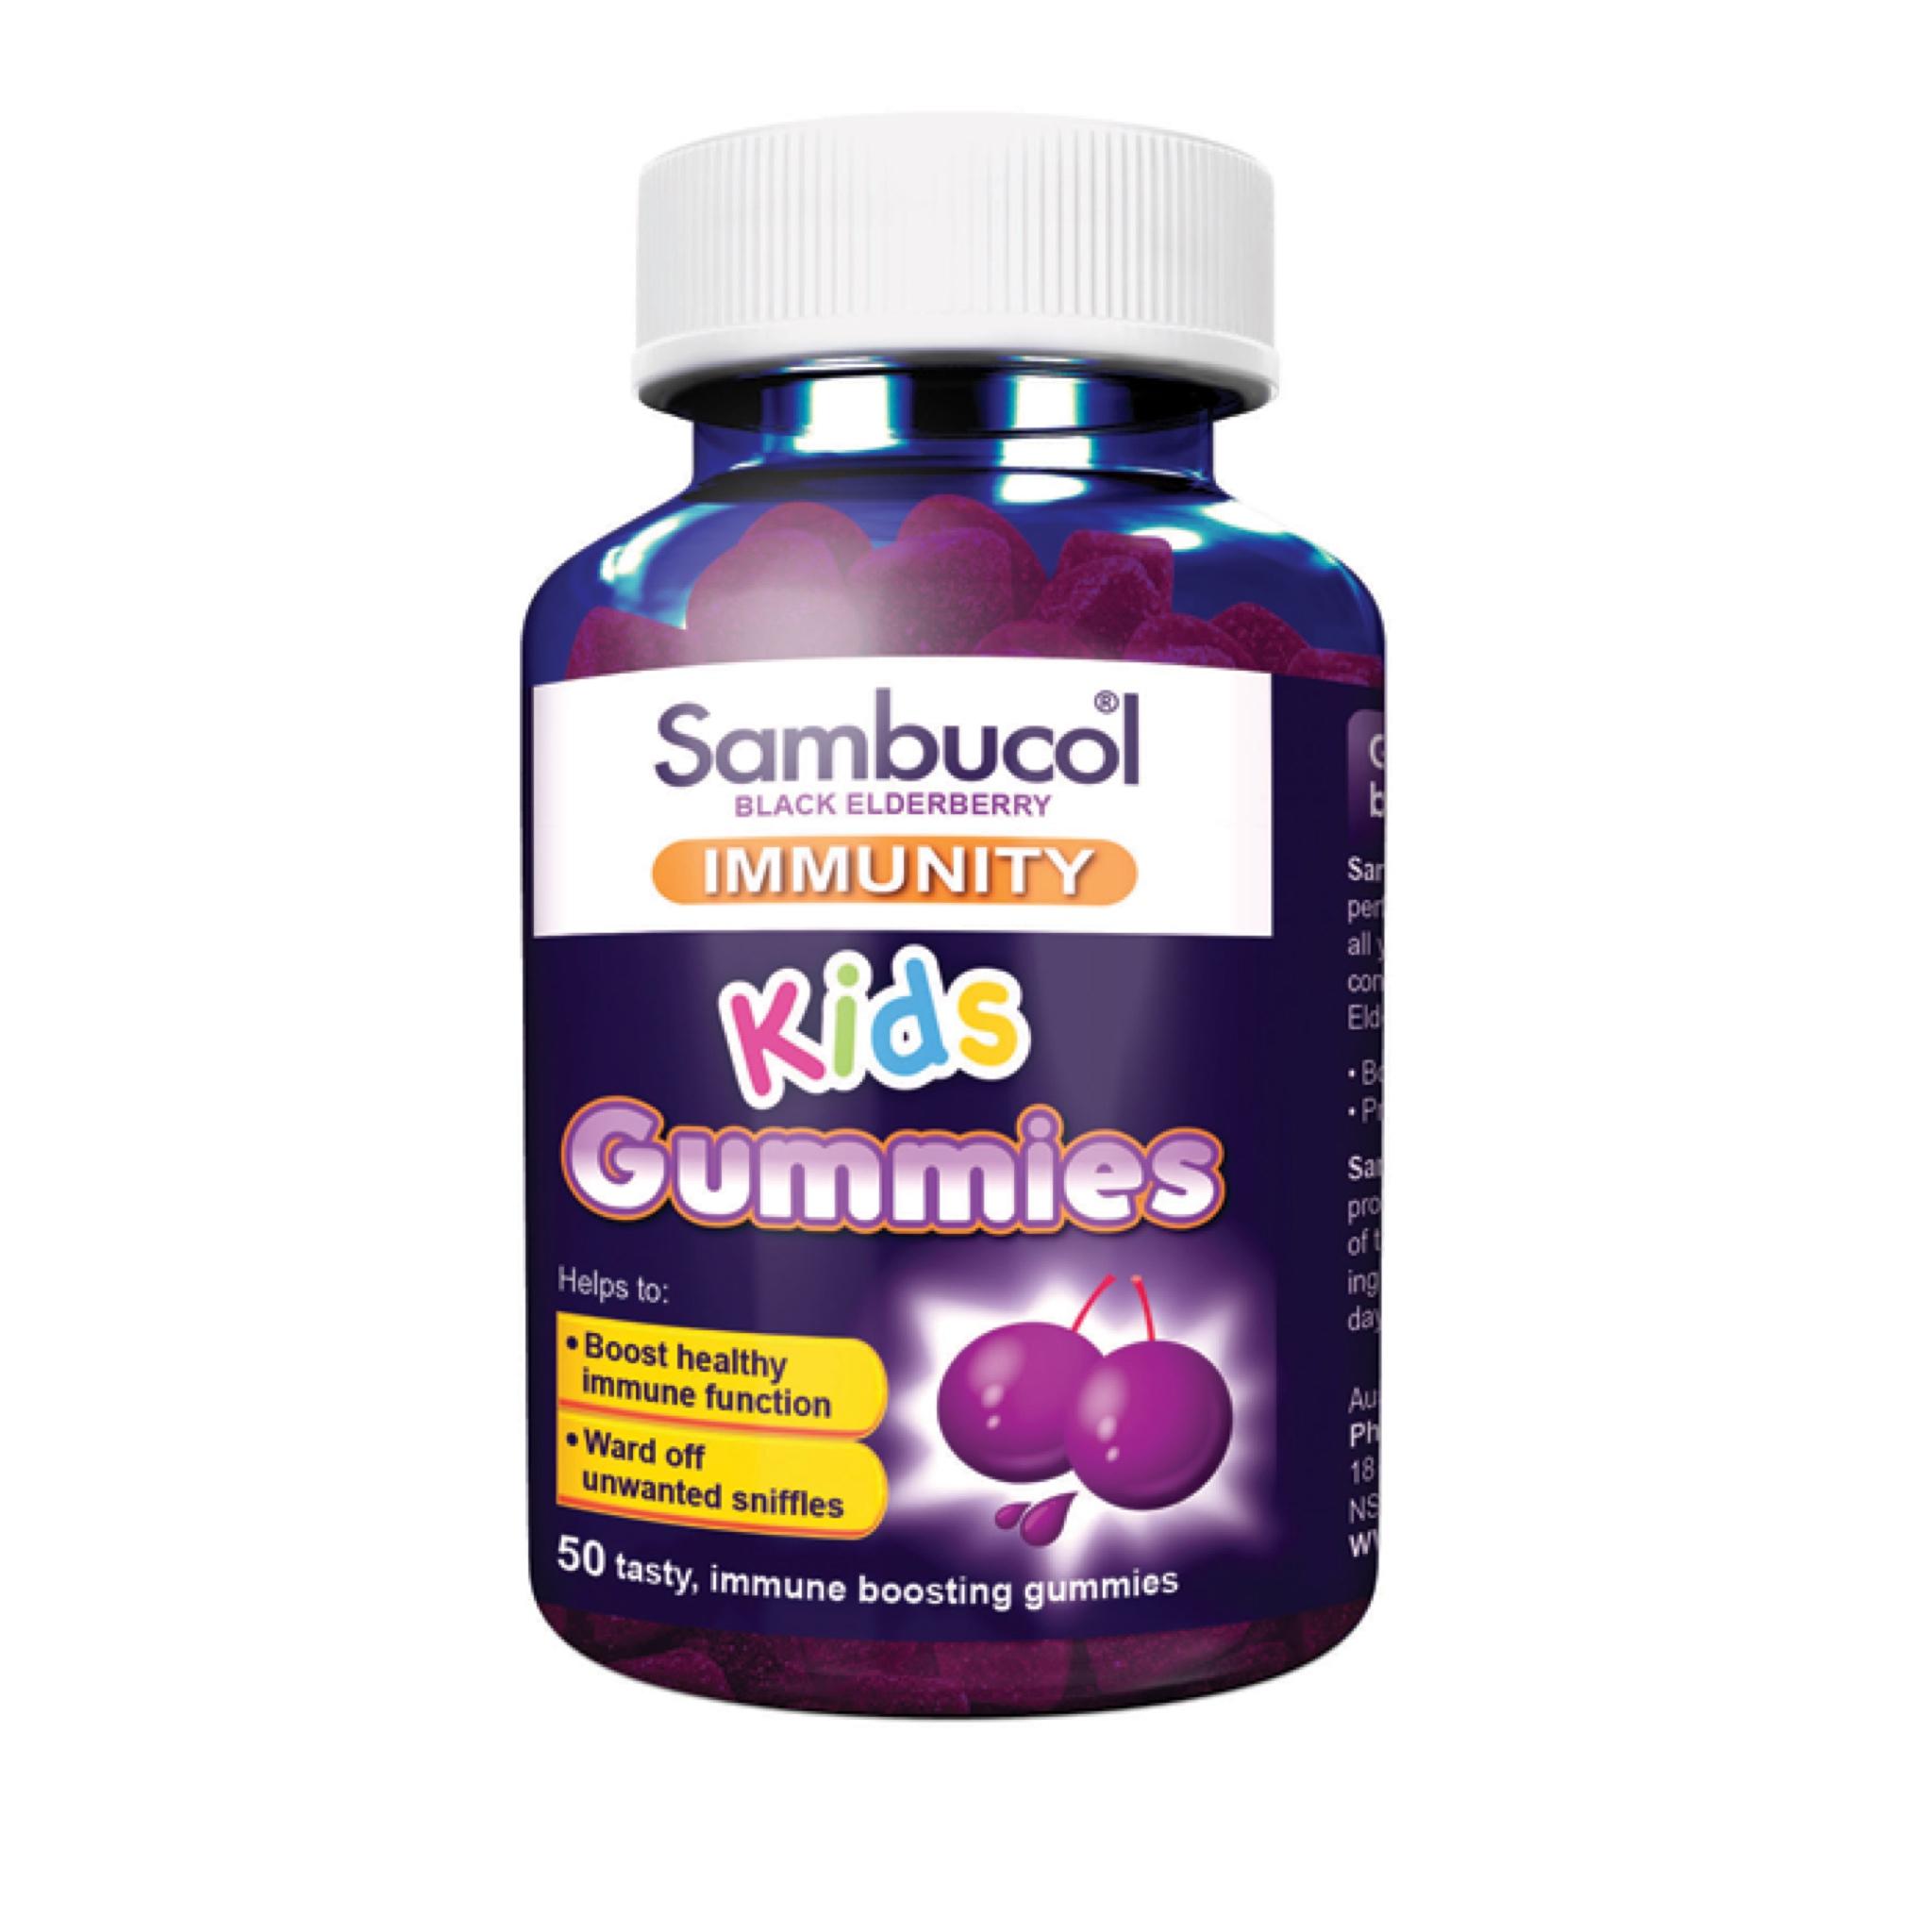 วิตามินเสริมสร้างภูมิคุ้มกันแบบเคี้ยวหนึบแสนอร่อย Sambucol Black Elderberry Immunity - Kids Gummies